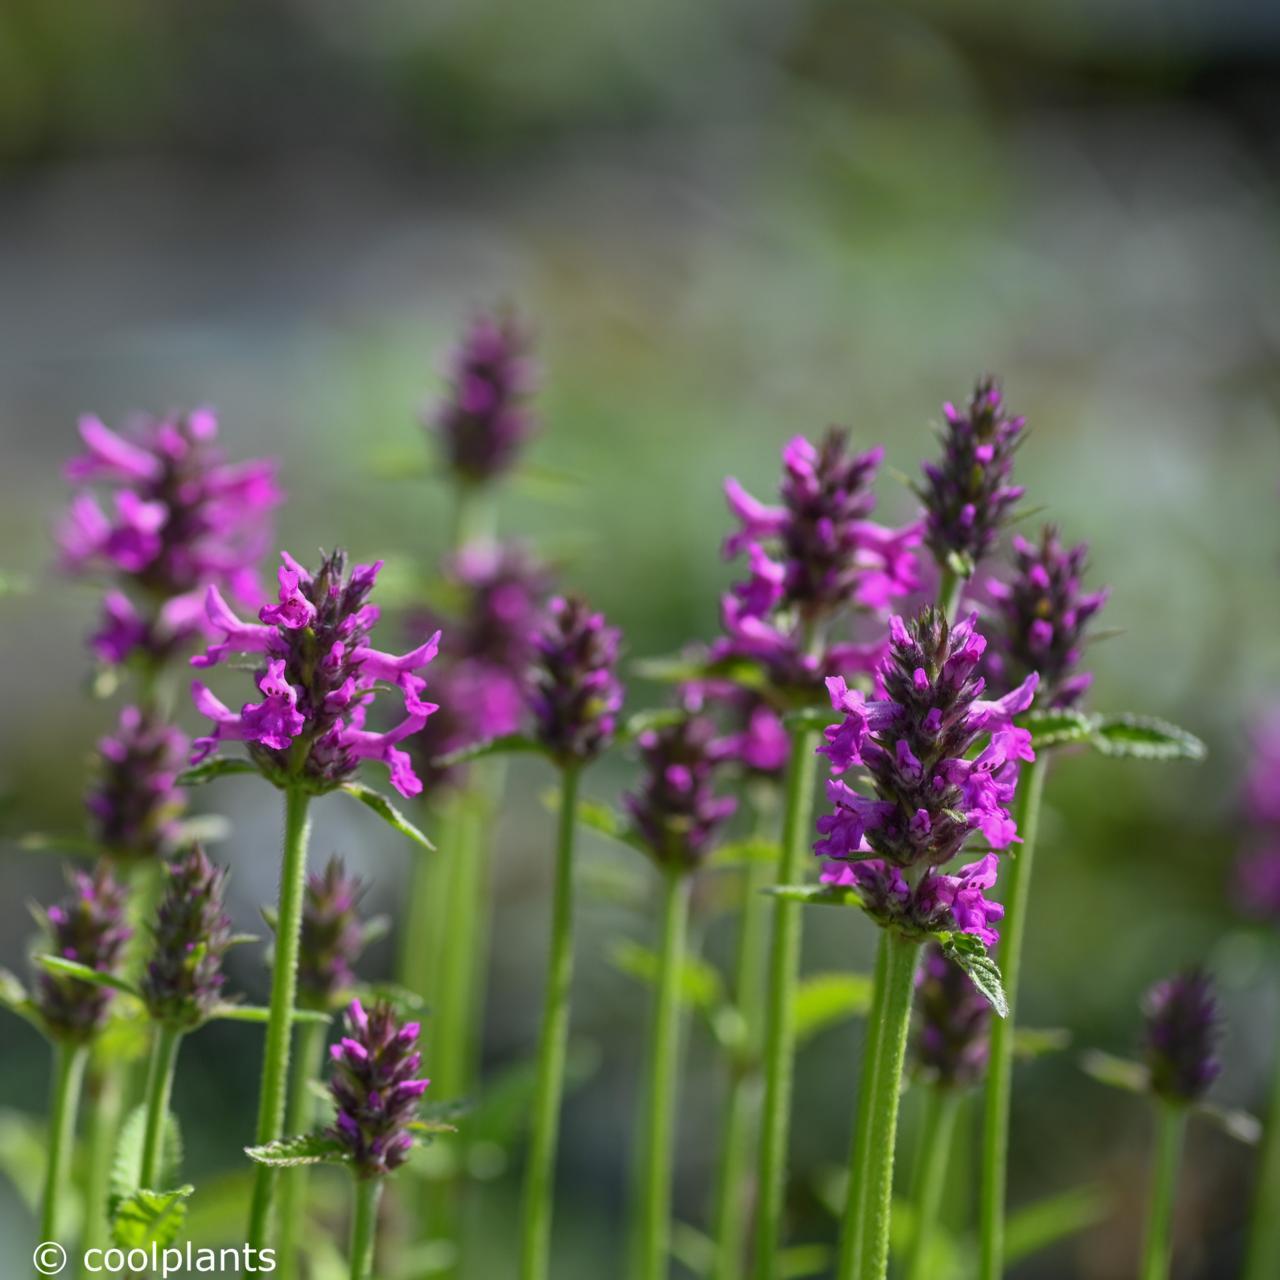 Stachys 'Summer Romance' plant